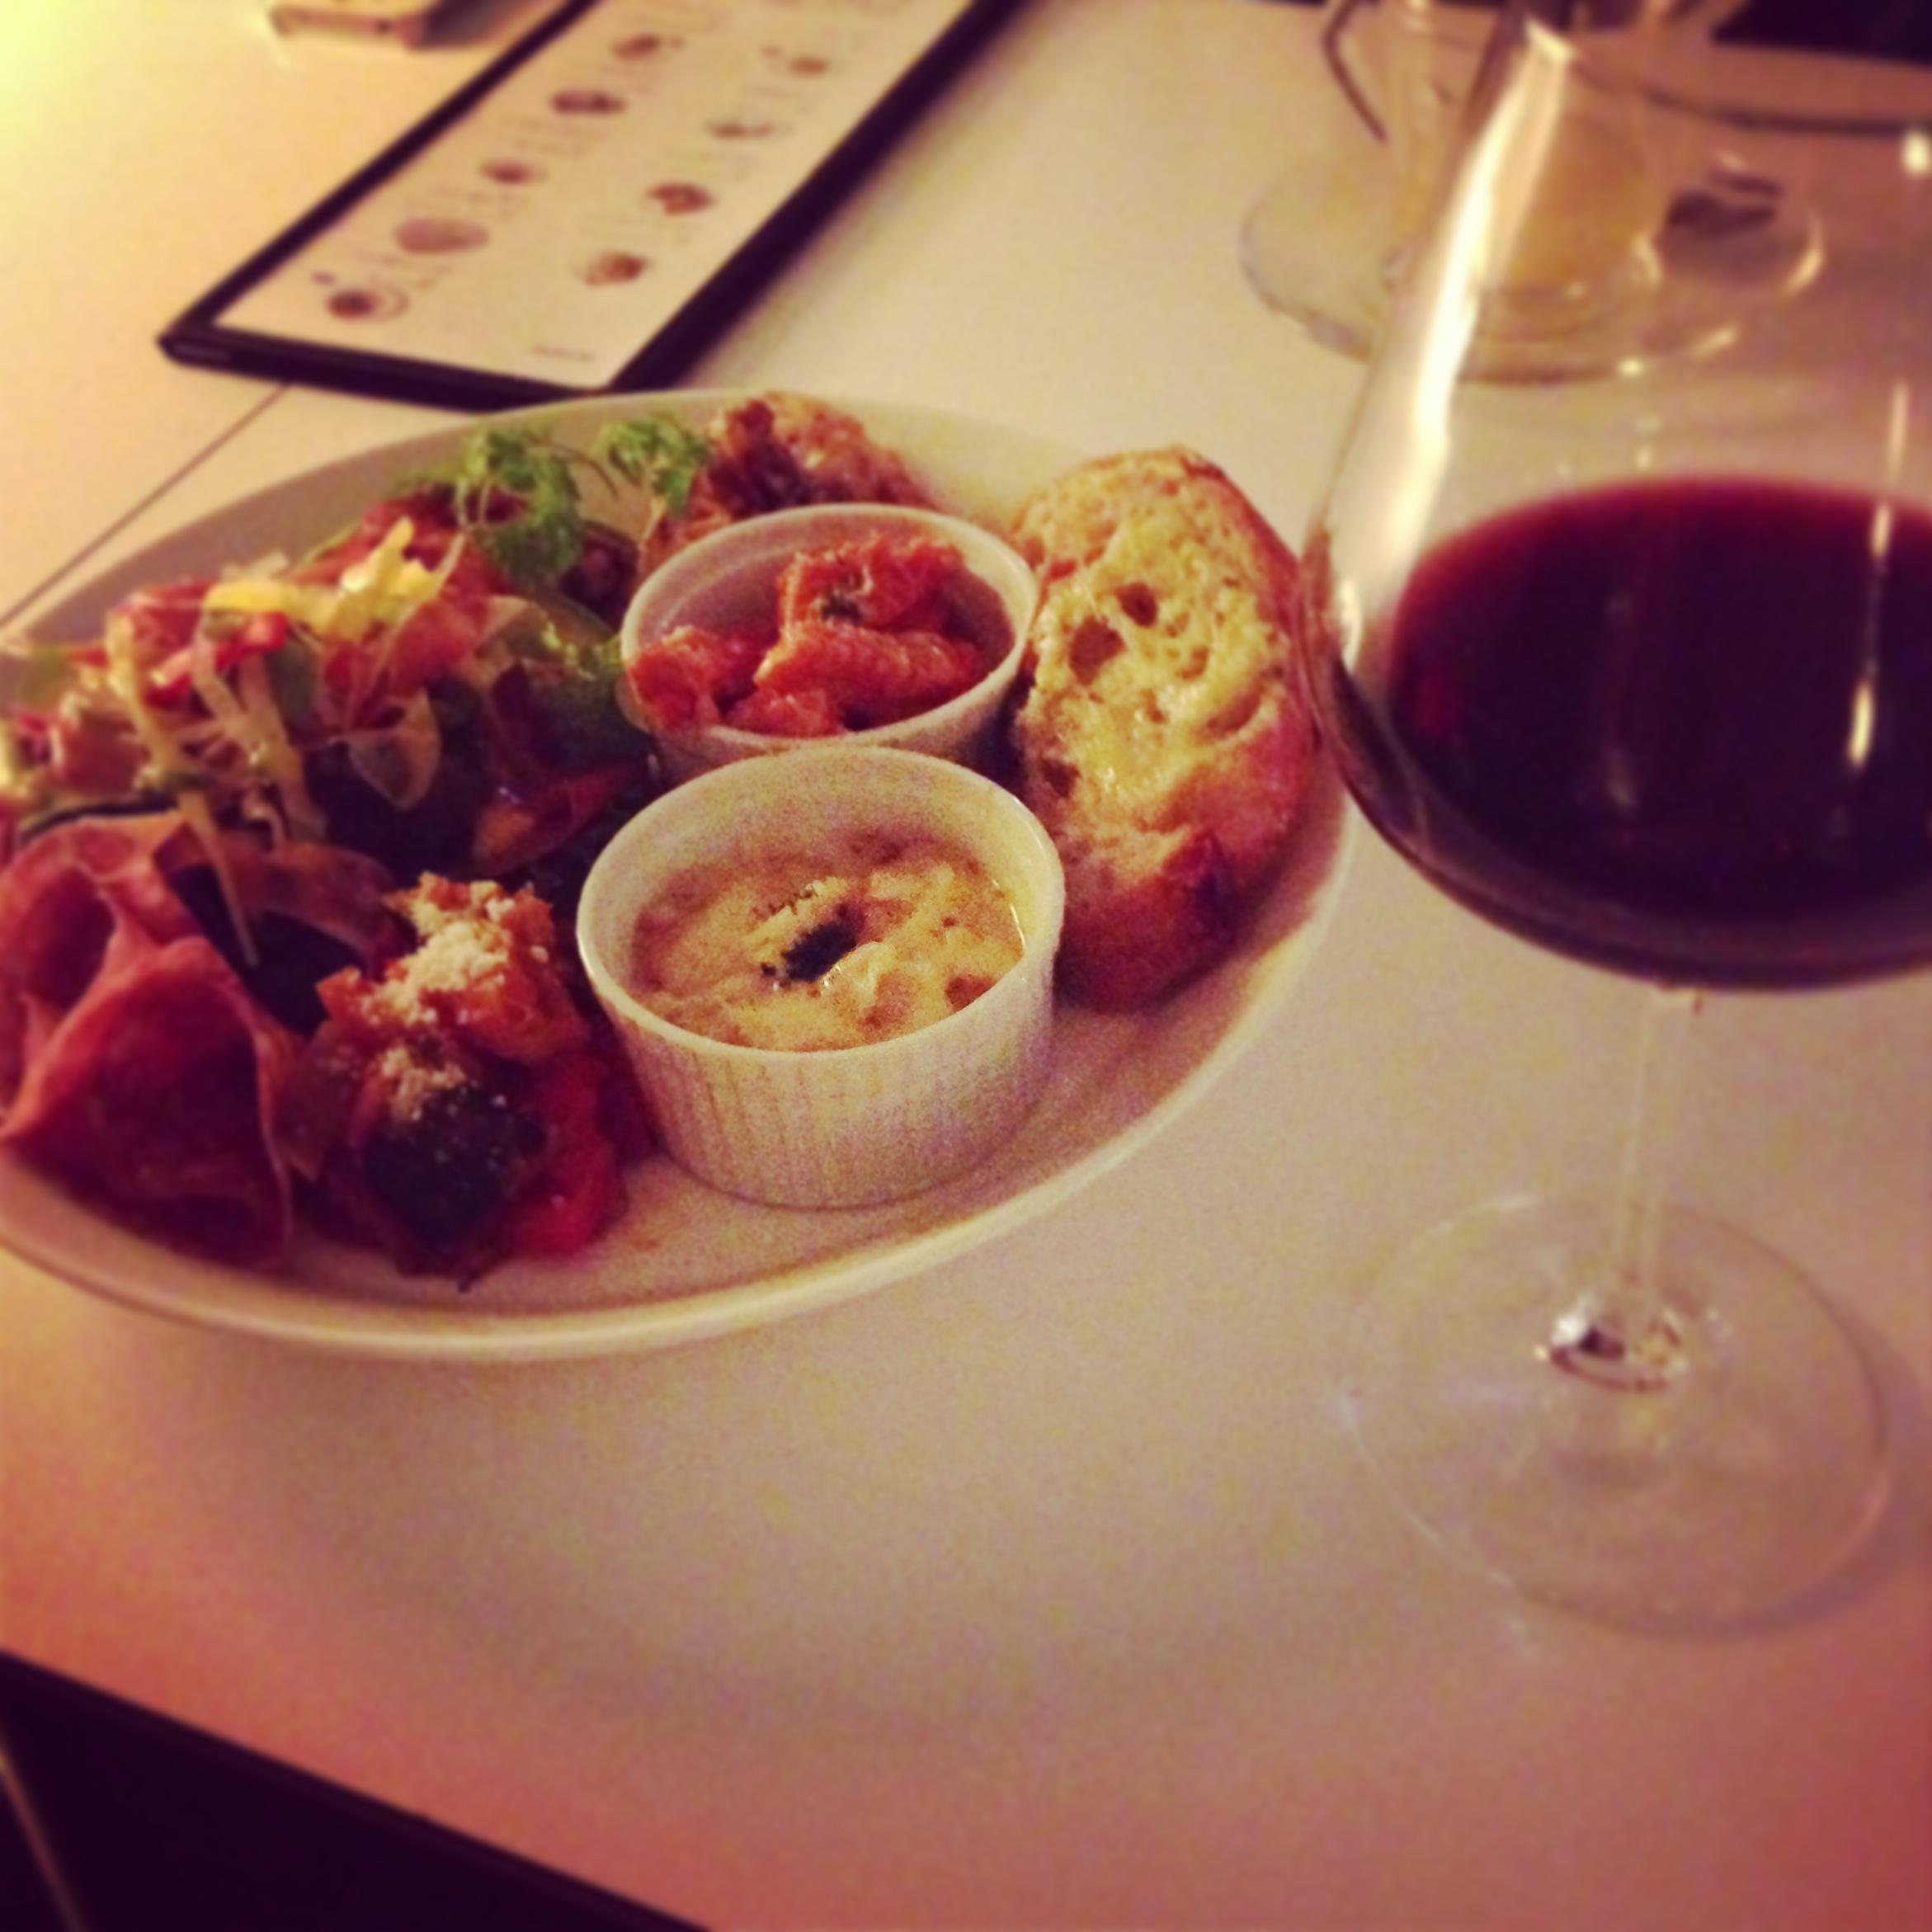 思わず笑顔になる!おすすめのカフェ・お食事処を紹介 Vol.4 「D&DEPARTMENT DINING OSAKA」